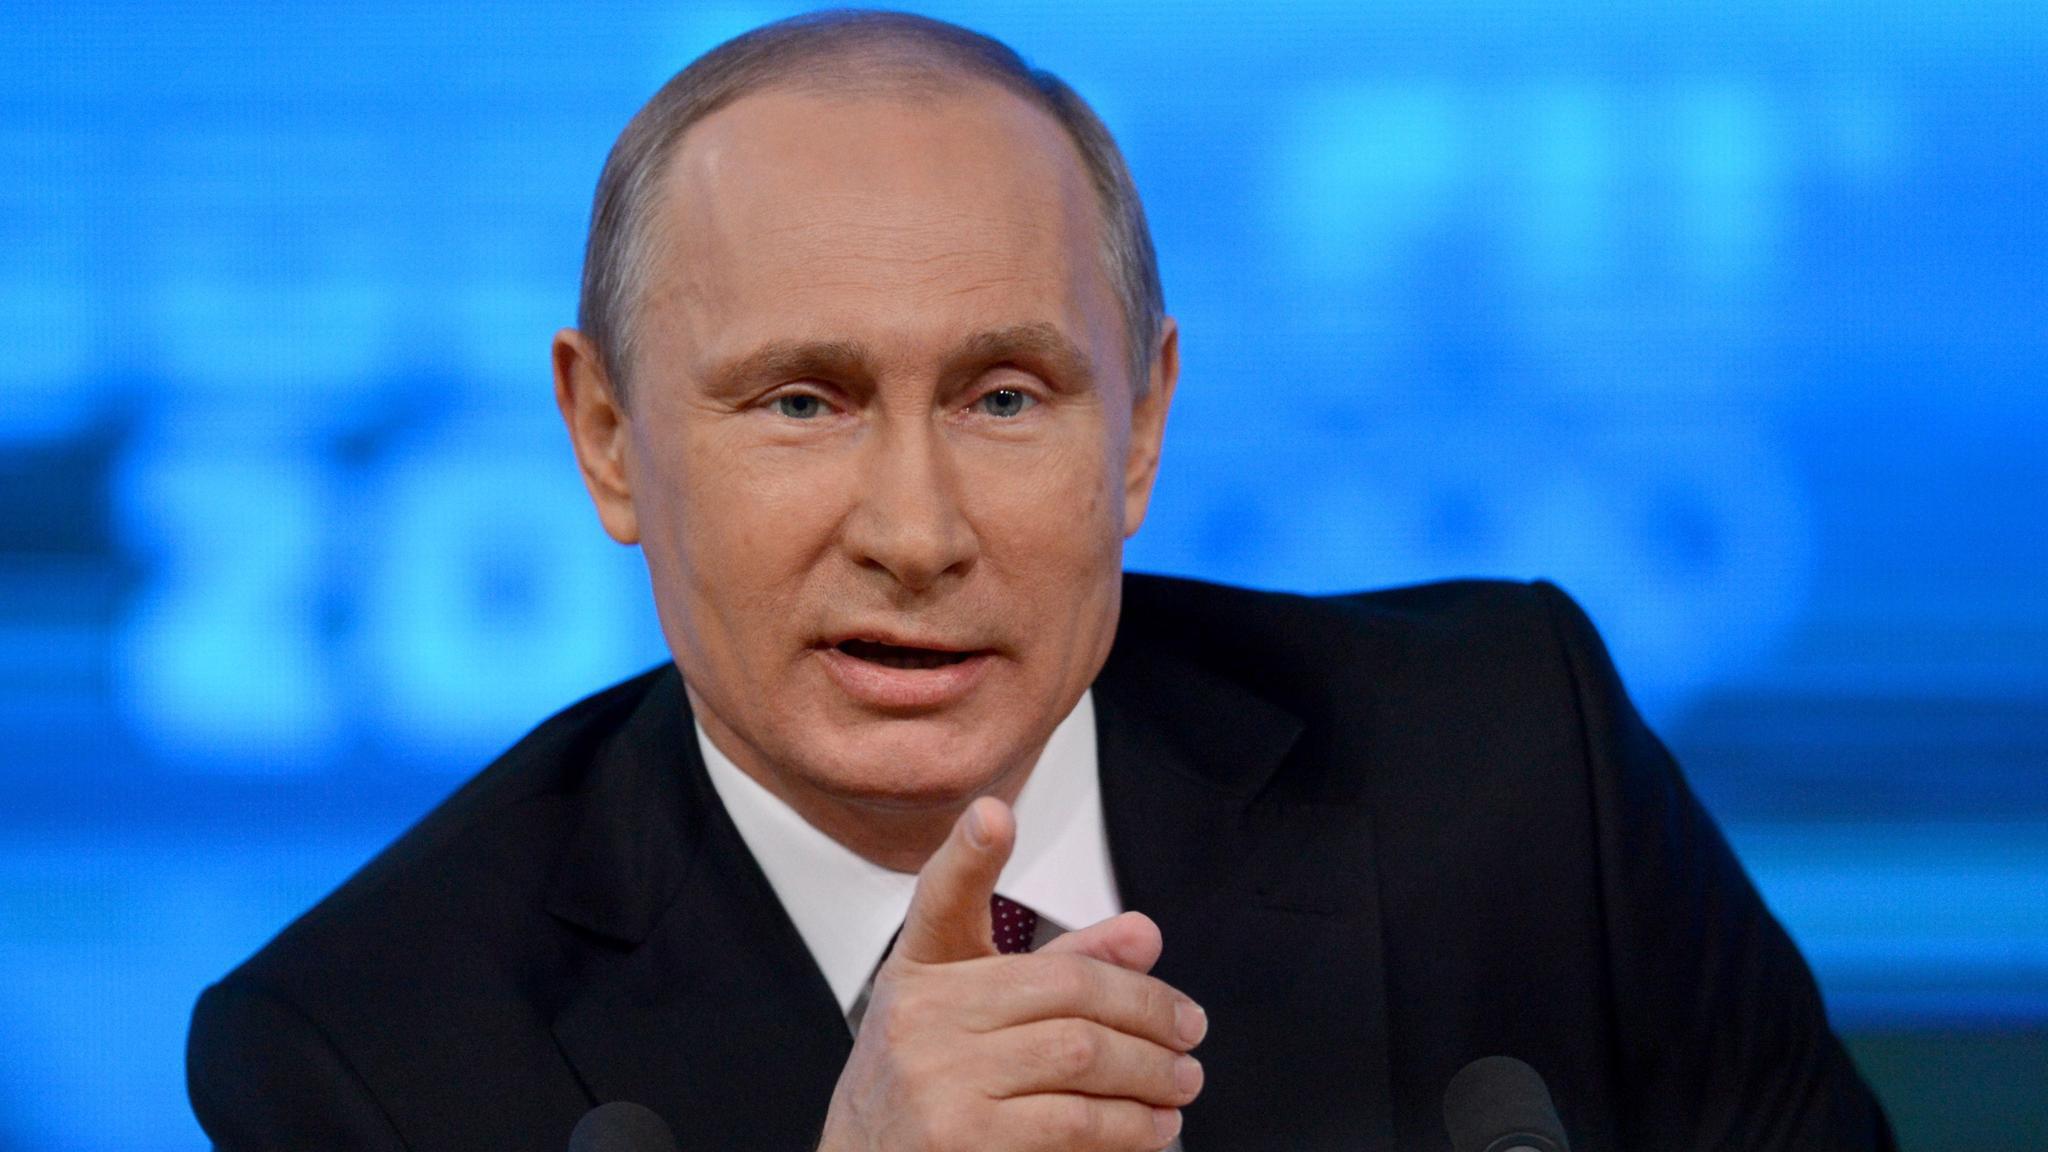 Отношения сРоссией улучшились благодаря лидерству В. Путина — премьер Индии